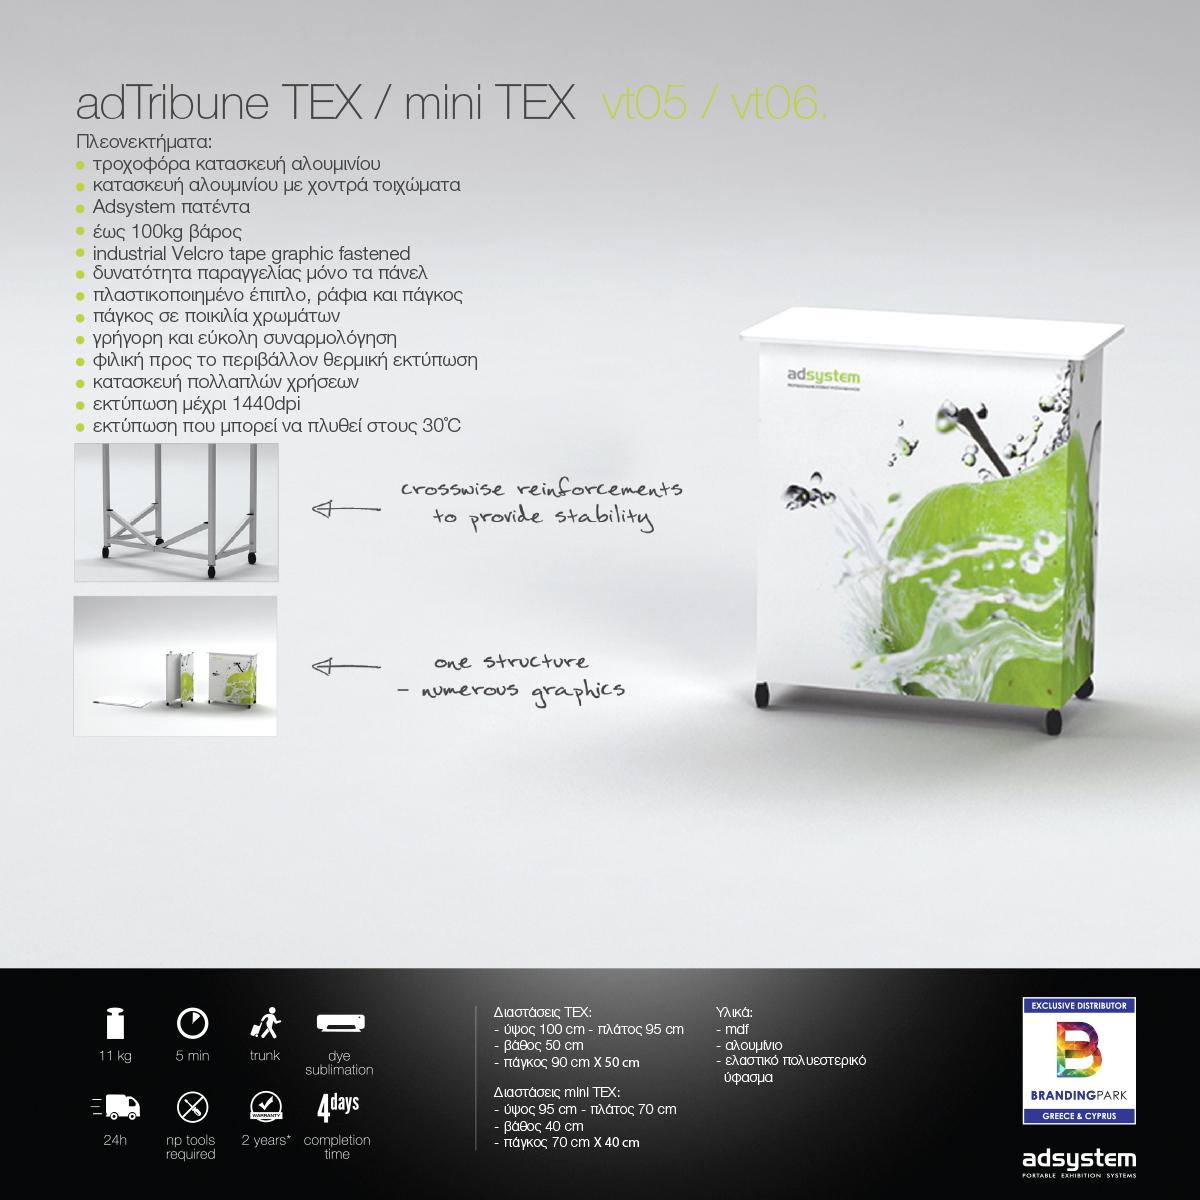 Info Desk adTribune TEX vt05 /mini TEX vt06